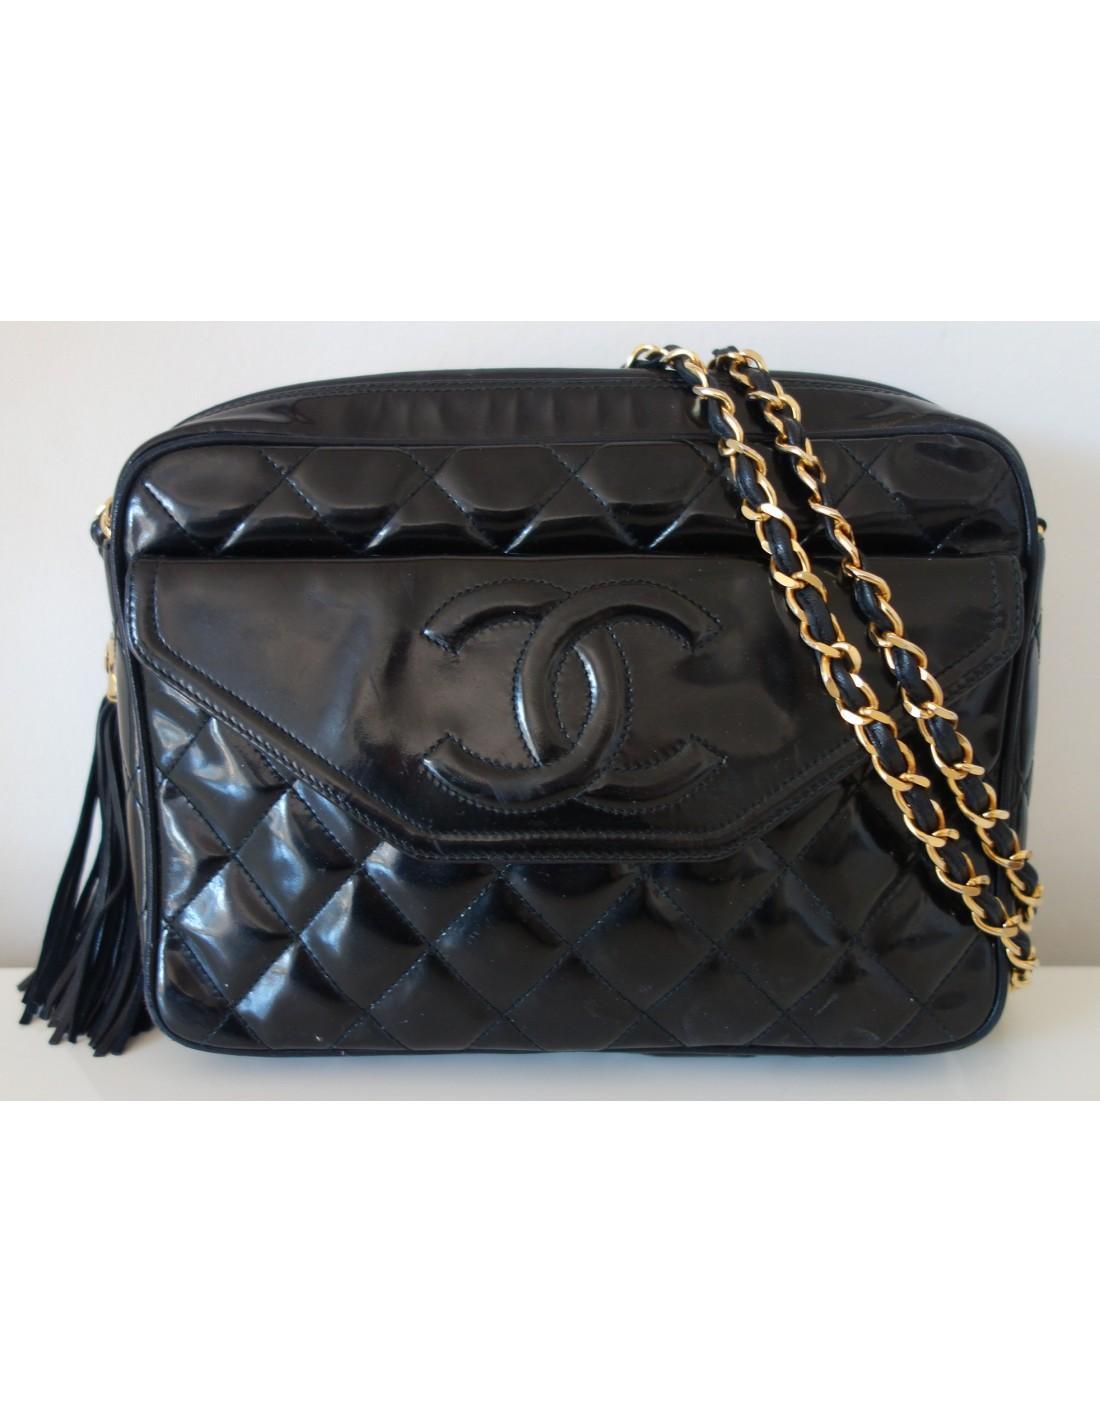 SAC CHANEL VINTAGE POMPON - Atoutluxe Boutique b1dce9d6b57